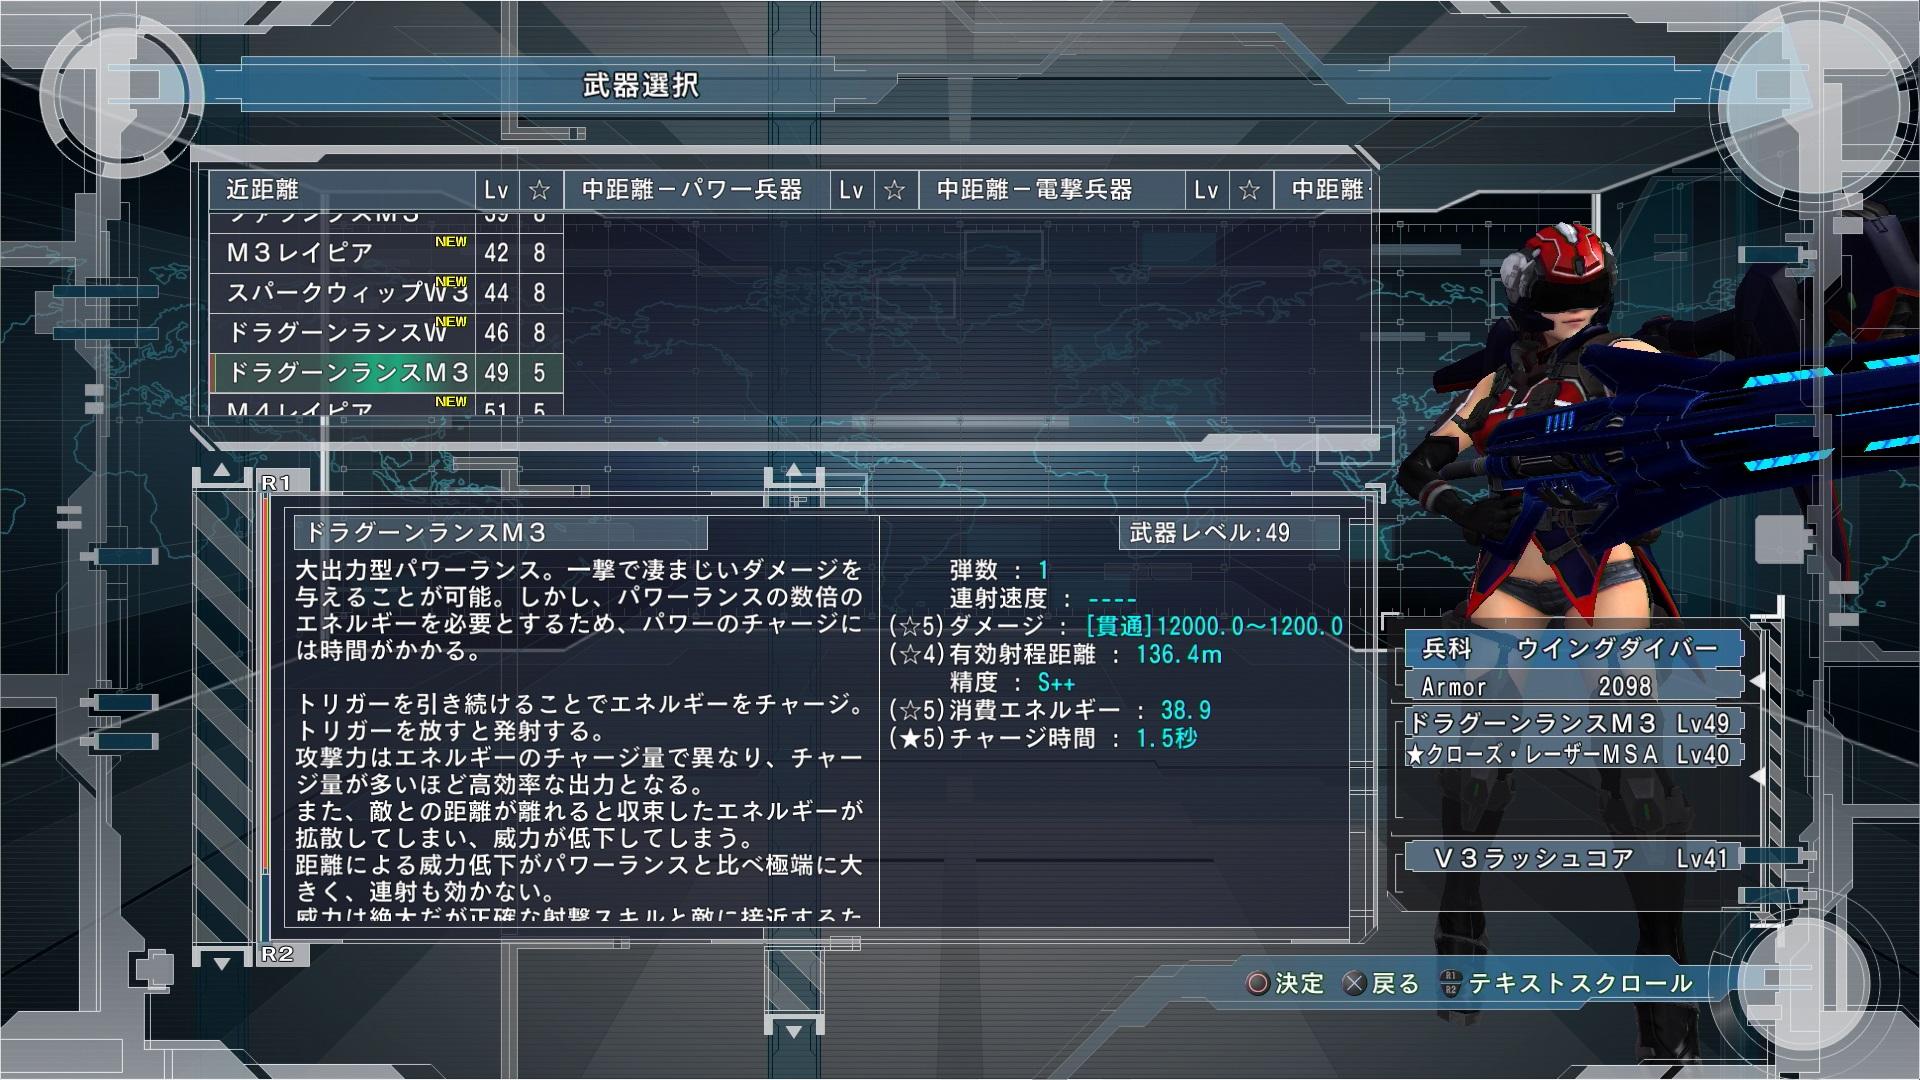 ダイバー 防衛 5 おすすめ 軍 武器 ウイング 地球